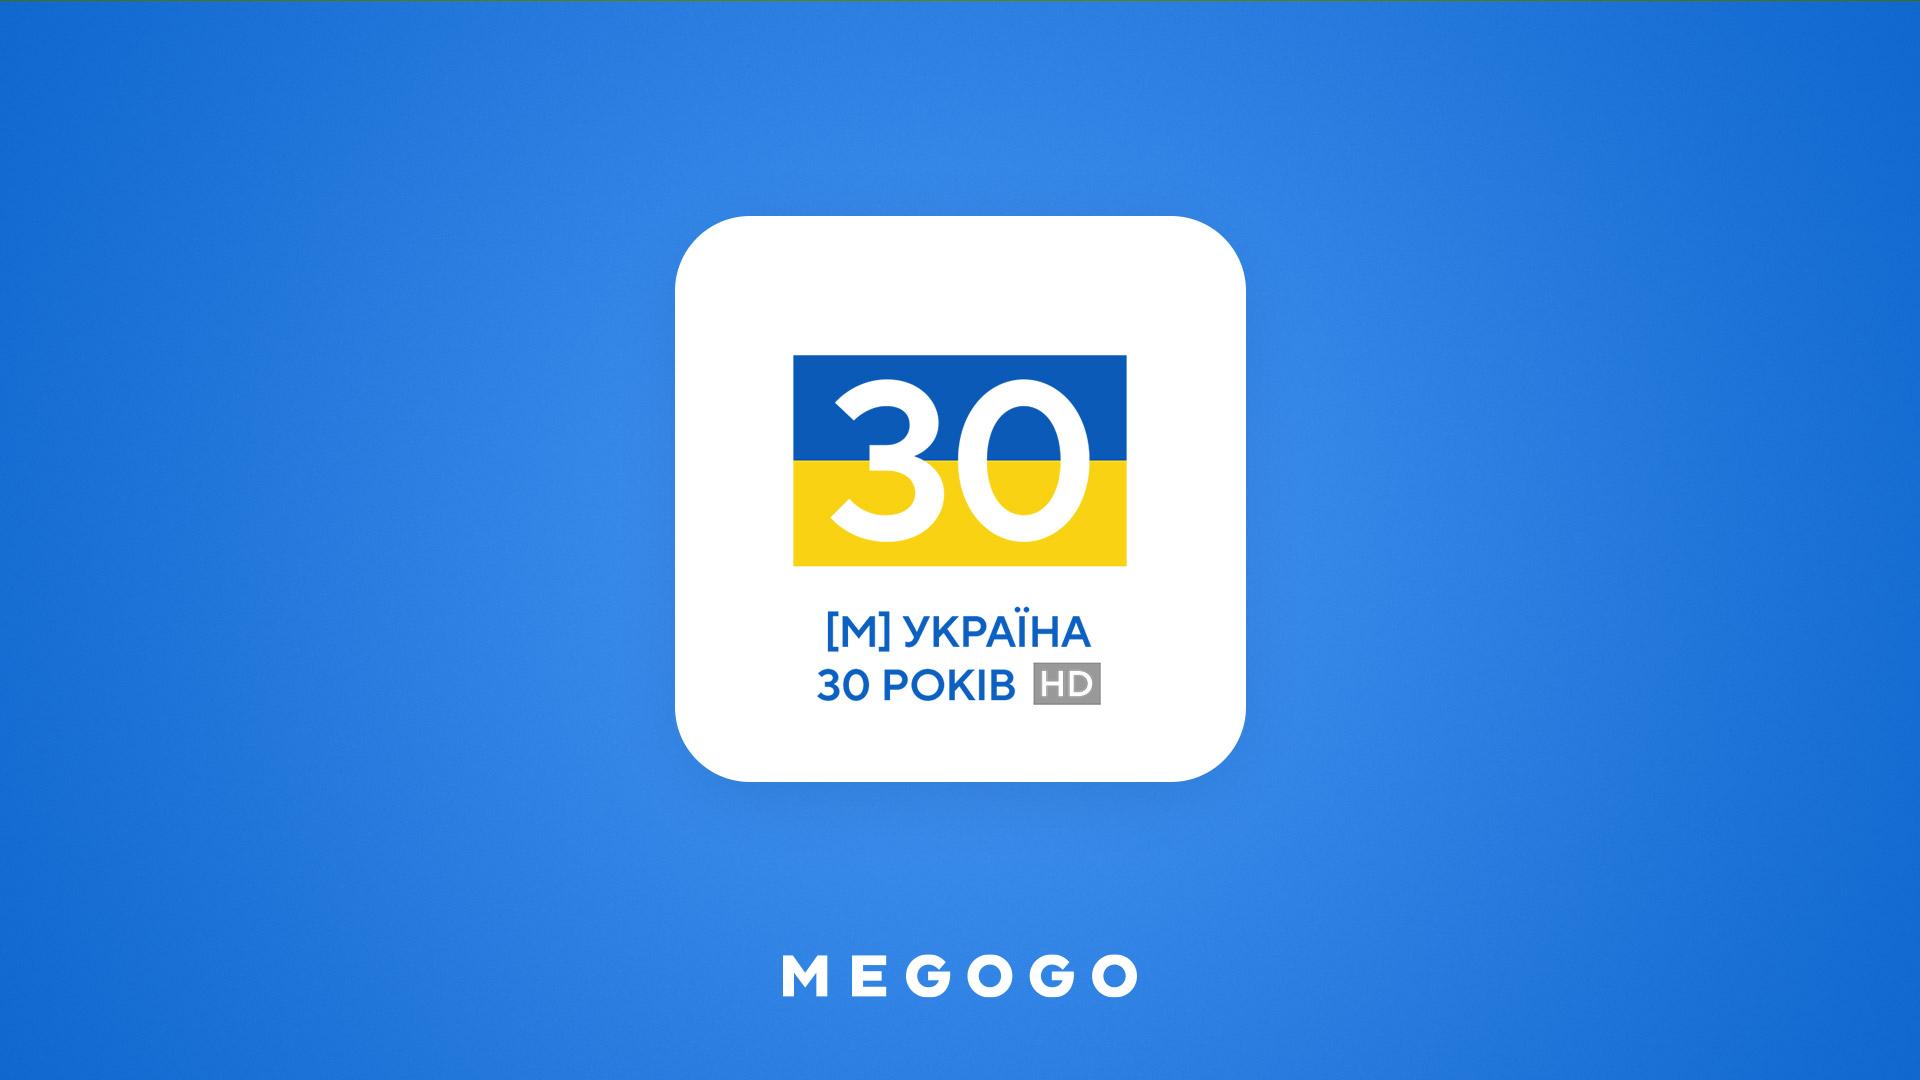 30 лет в кино: MEGOGO запустил канал с кинолентами, созданными за годы украинской независимости